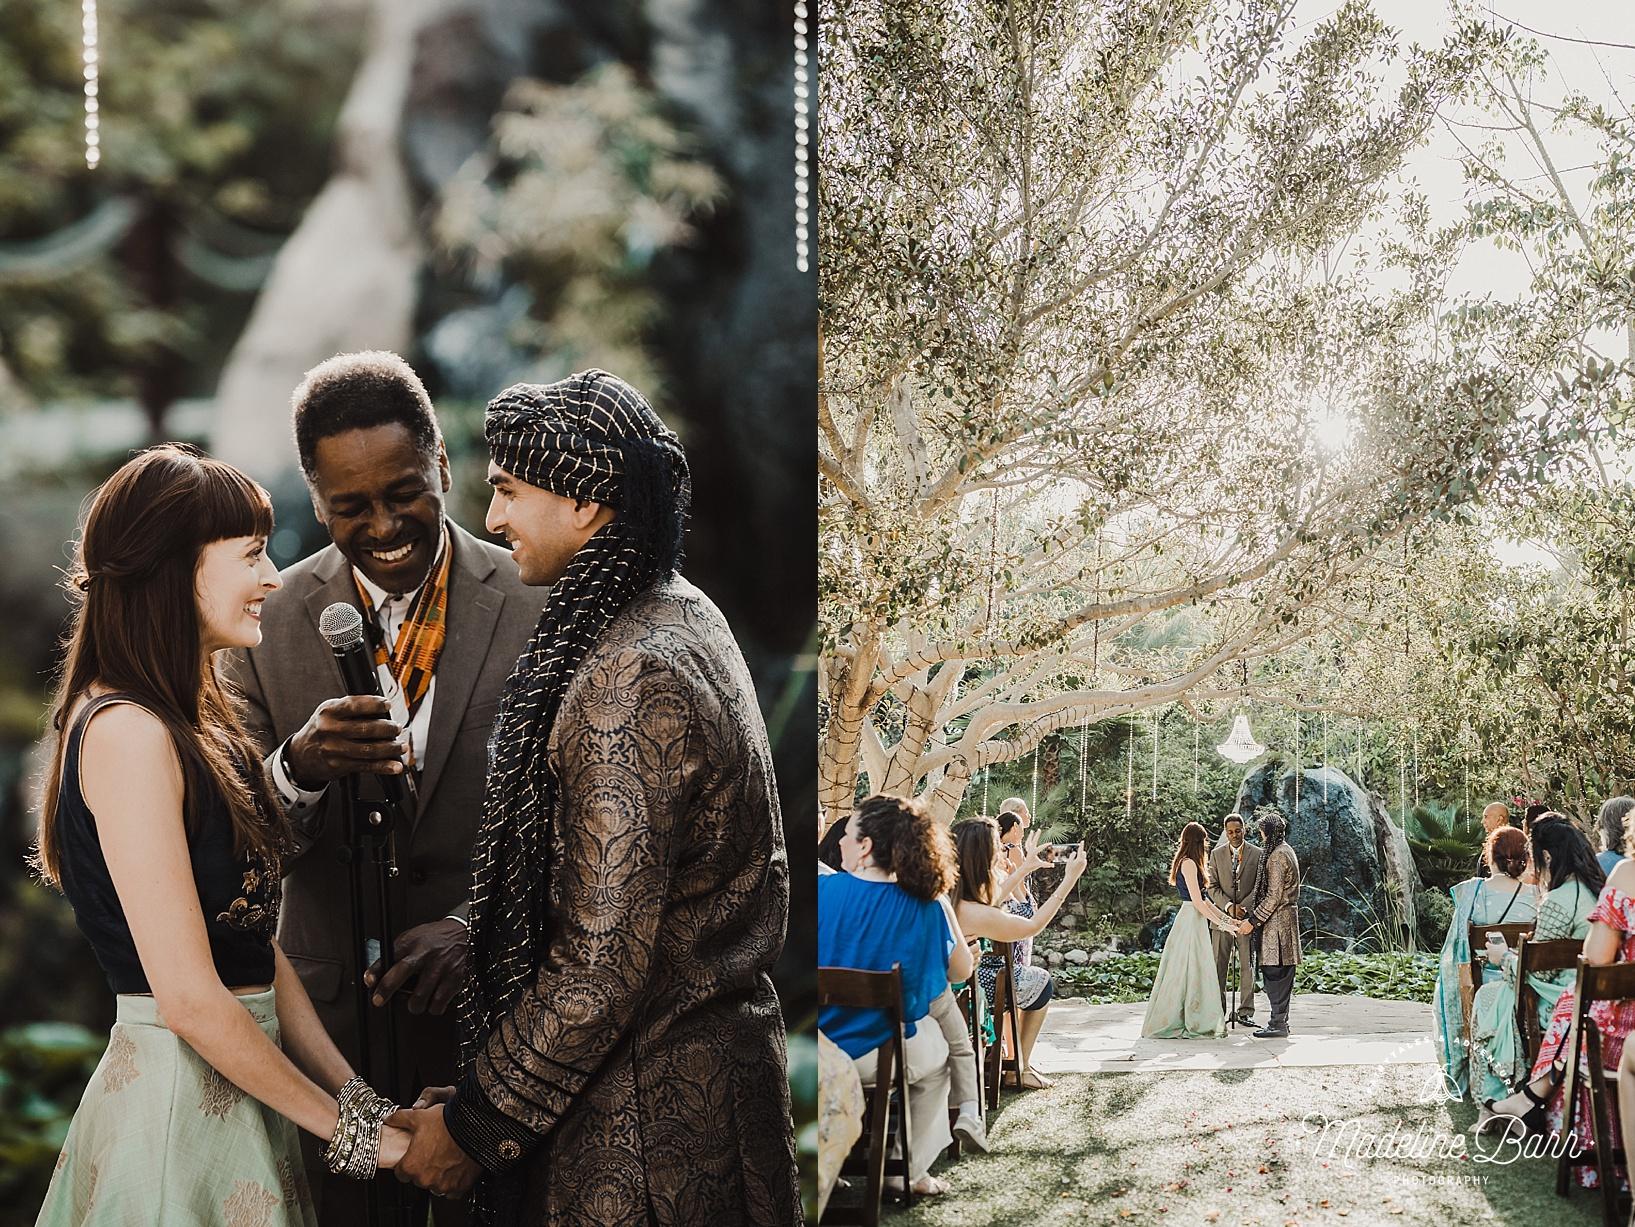 SanDiego_Multicultural_Elopement_Wedding0016.jpg